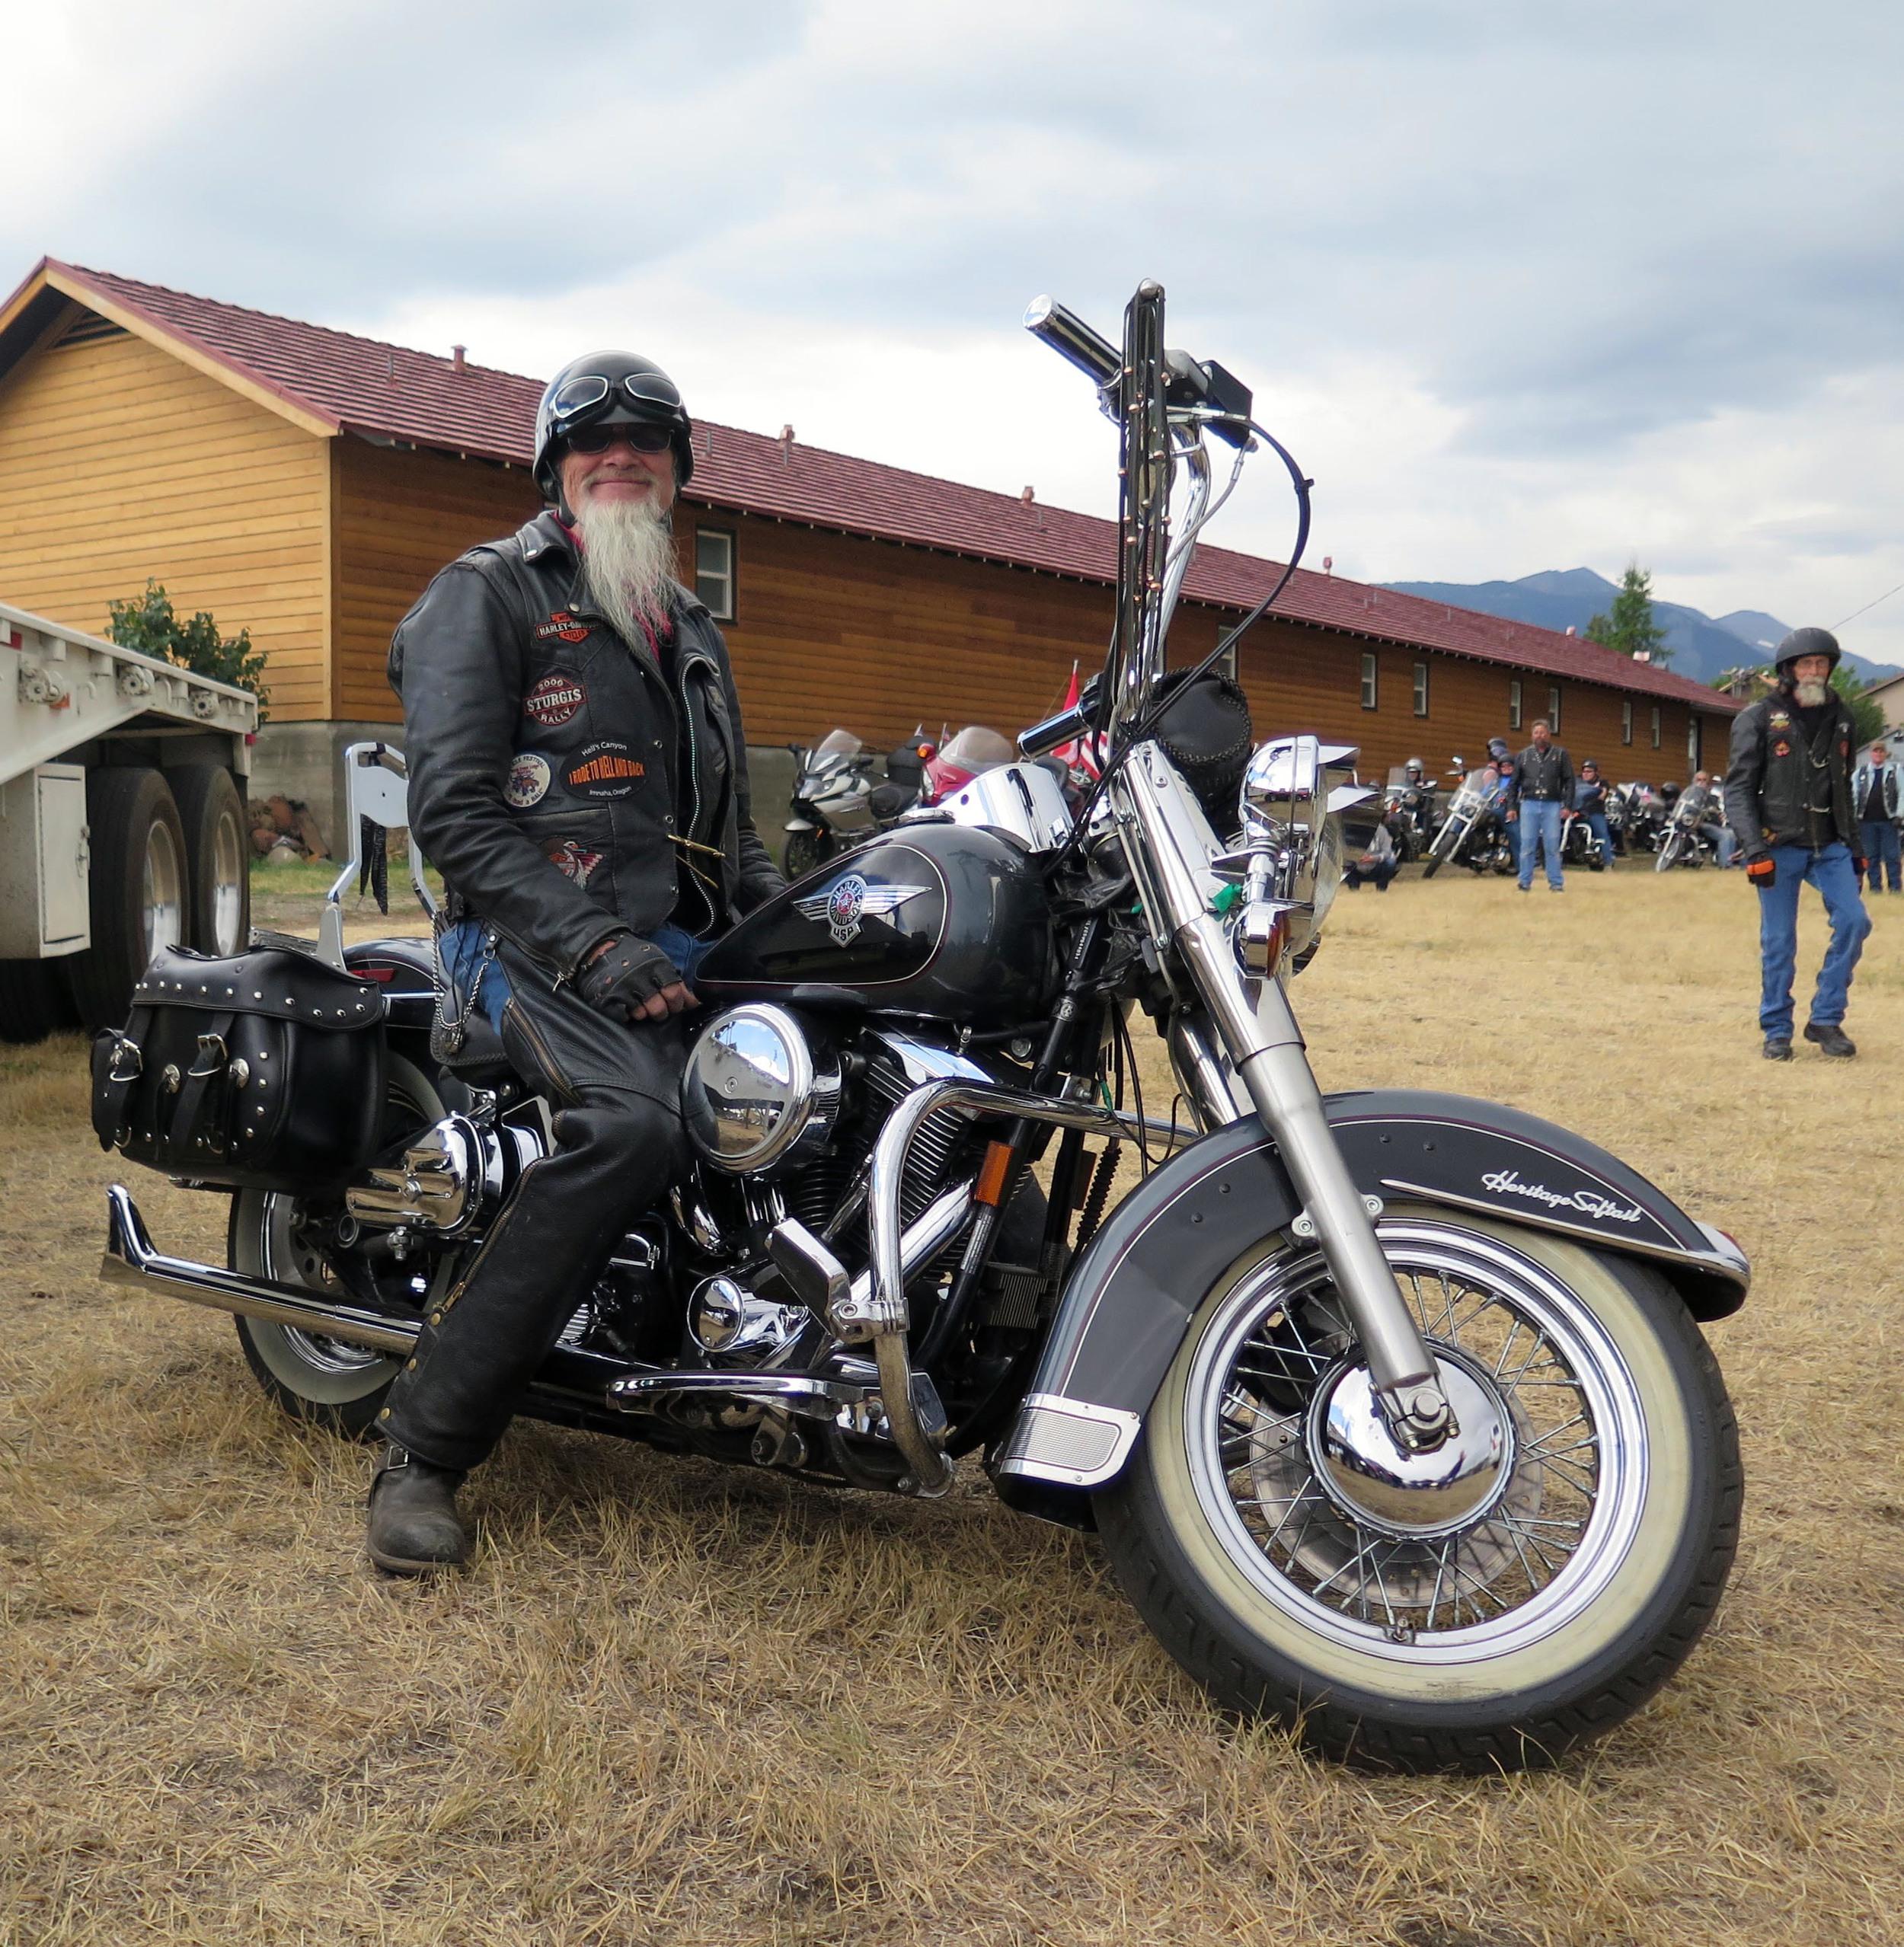 Dick Cross on bike copy.jpg